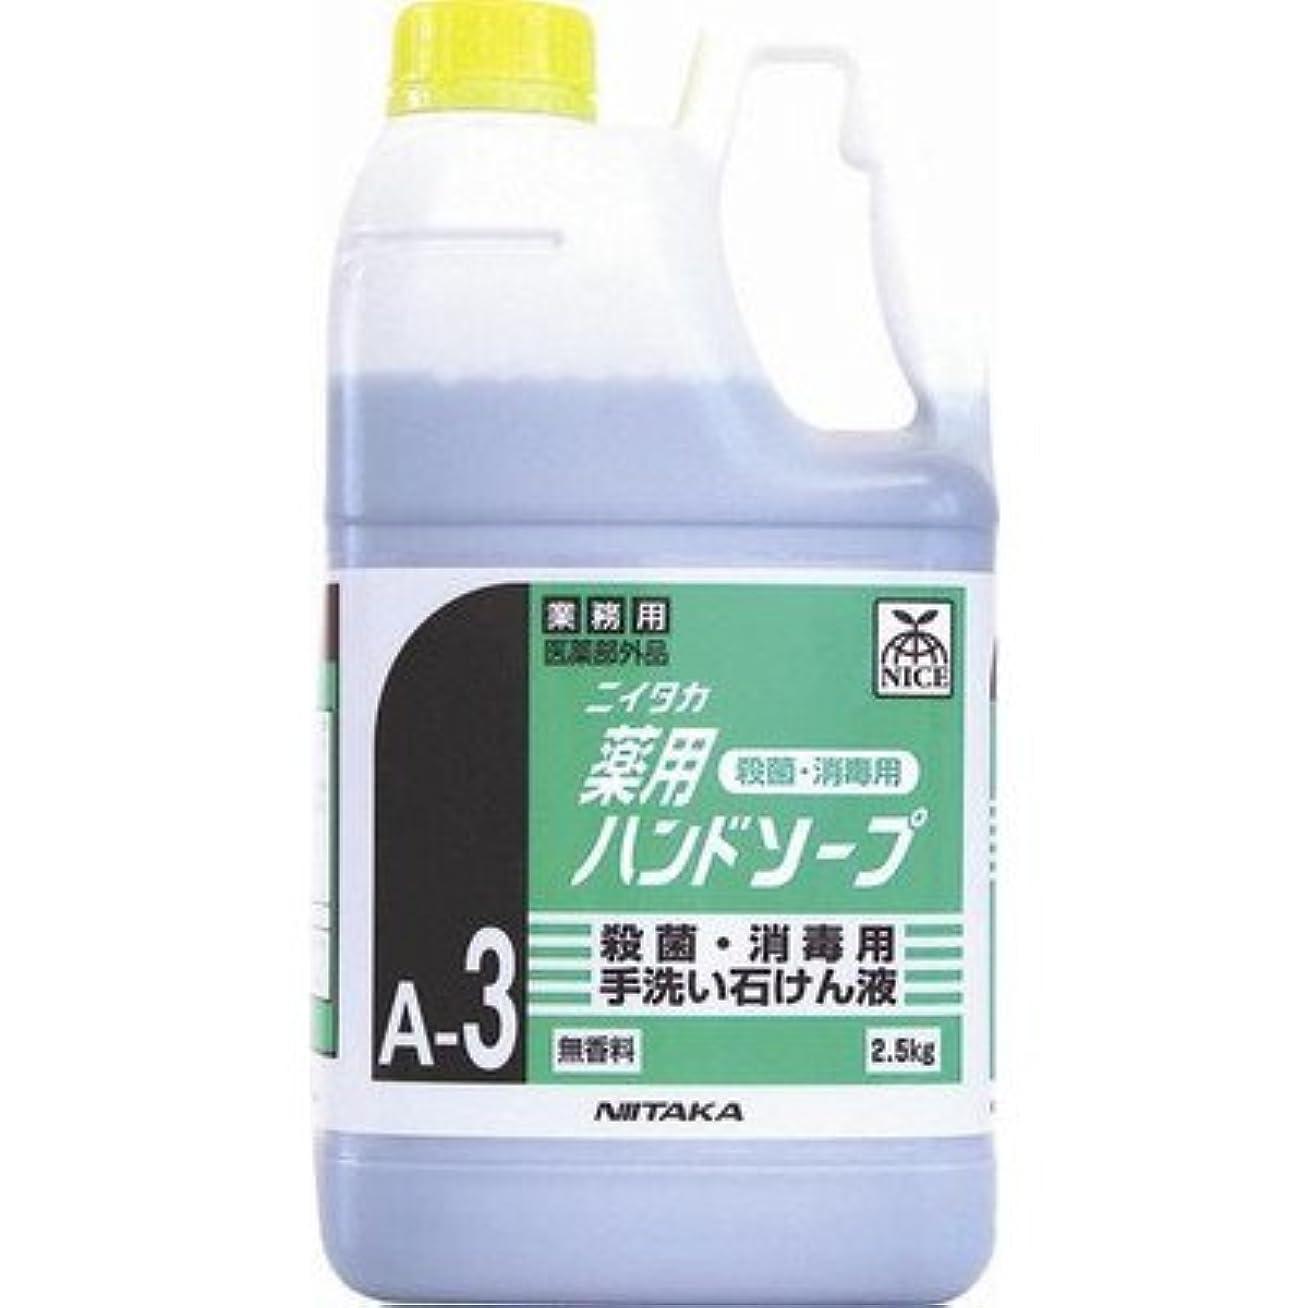 論理的に器官最適ニイタカ 業務用手洗い石けん液 薬用ハンドソープ(A-3) 2.5kg×6本